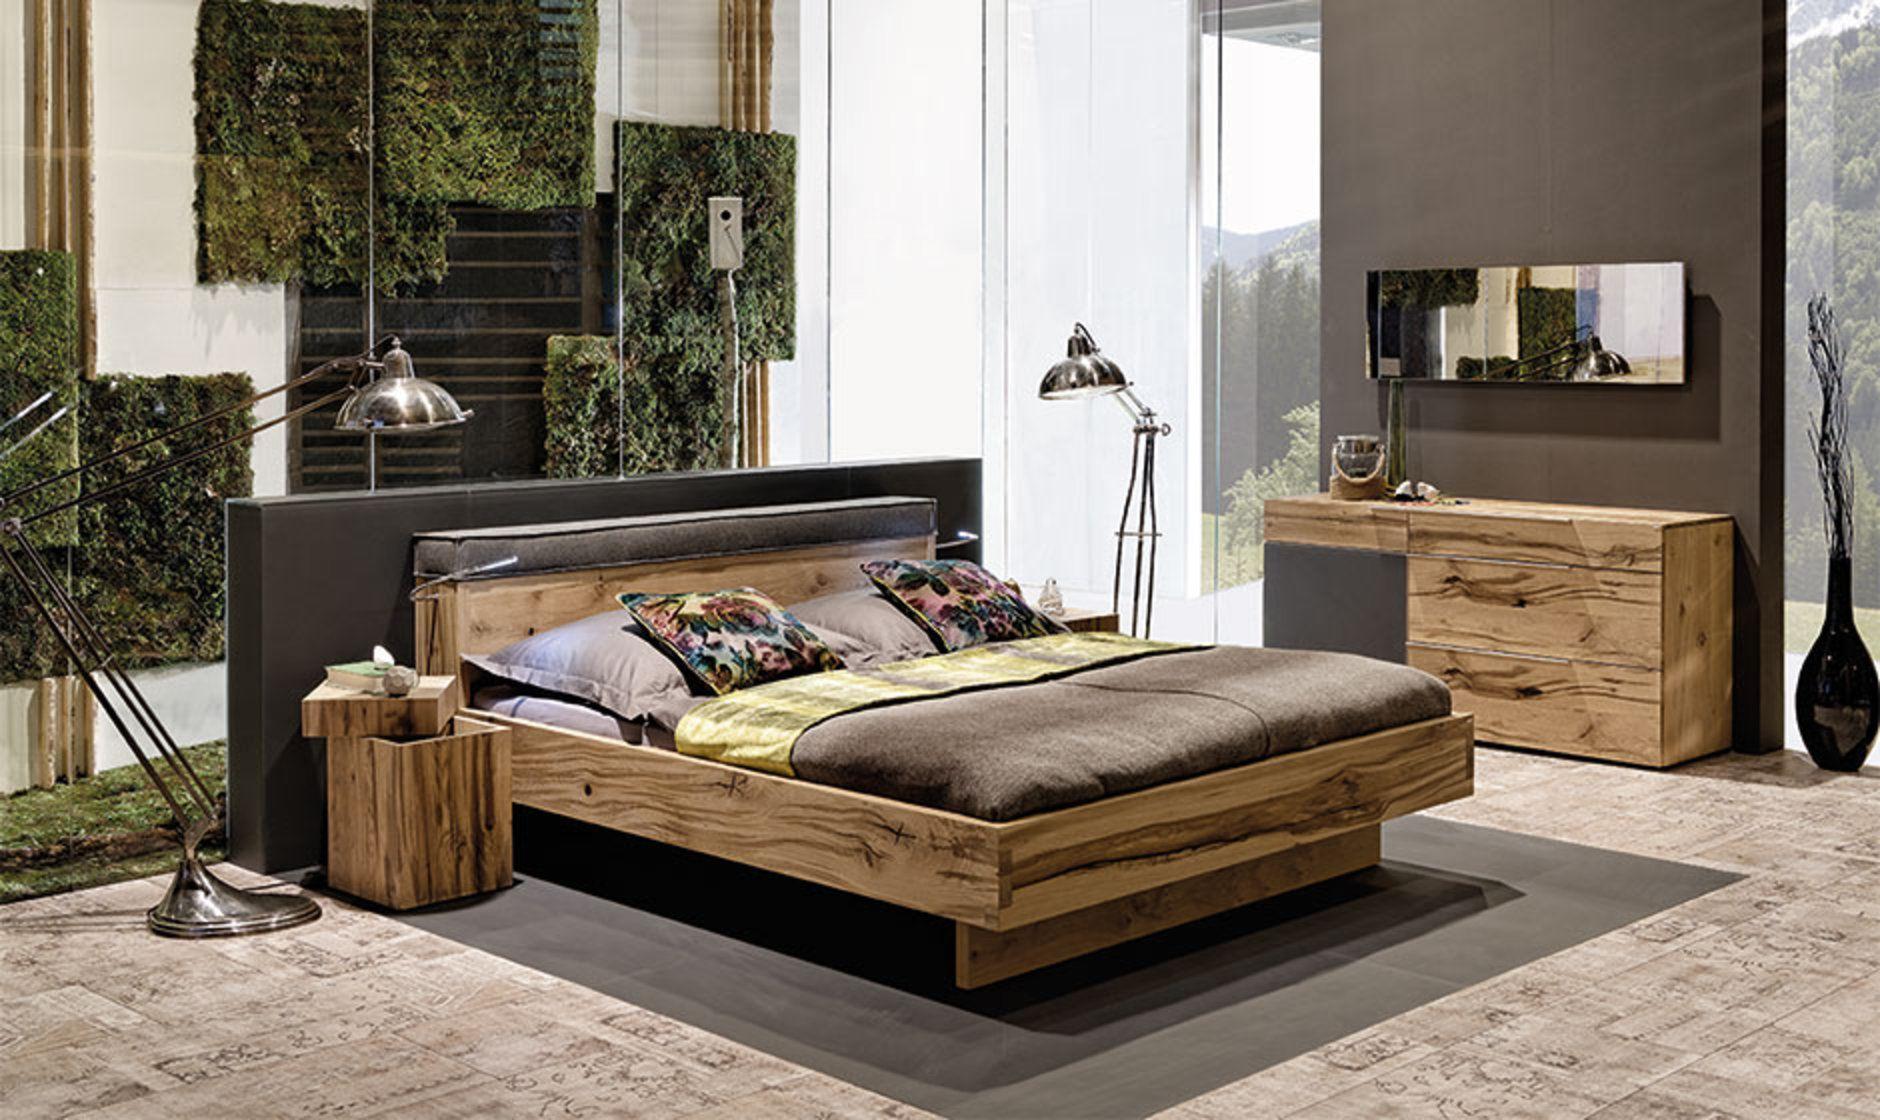 v-pur – schlafzimmer-naturholzmöbel in eiche altholz, Schlafzimmer entwurf